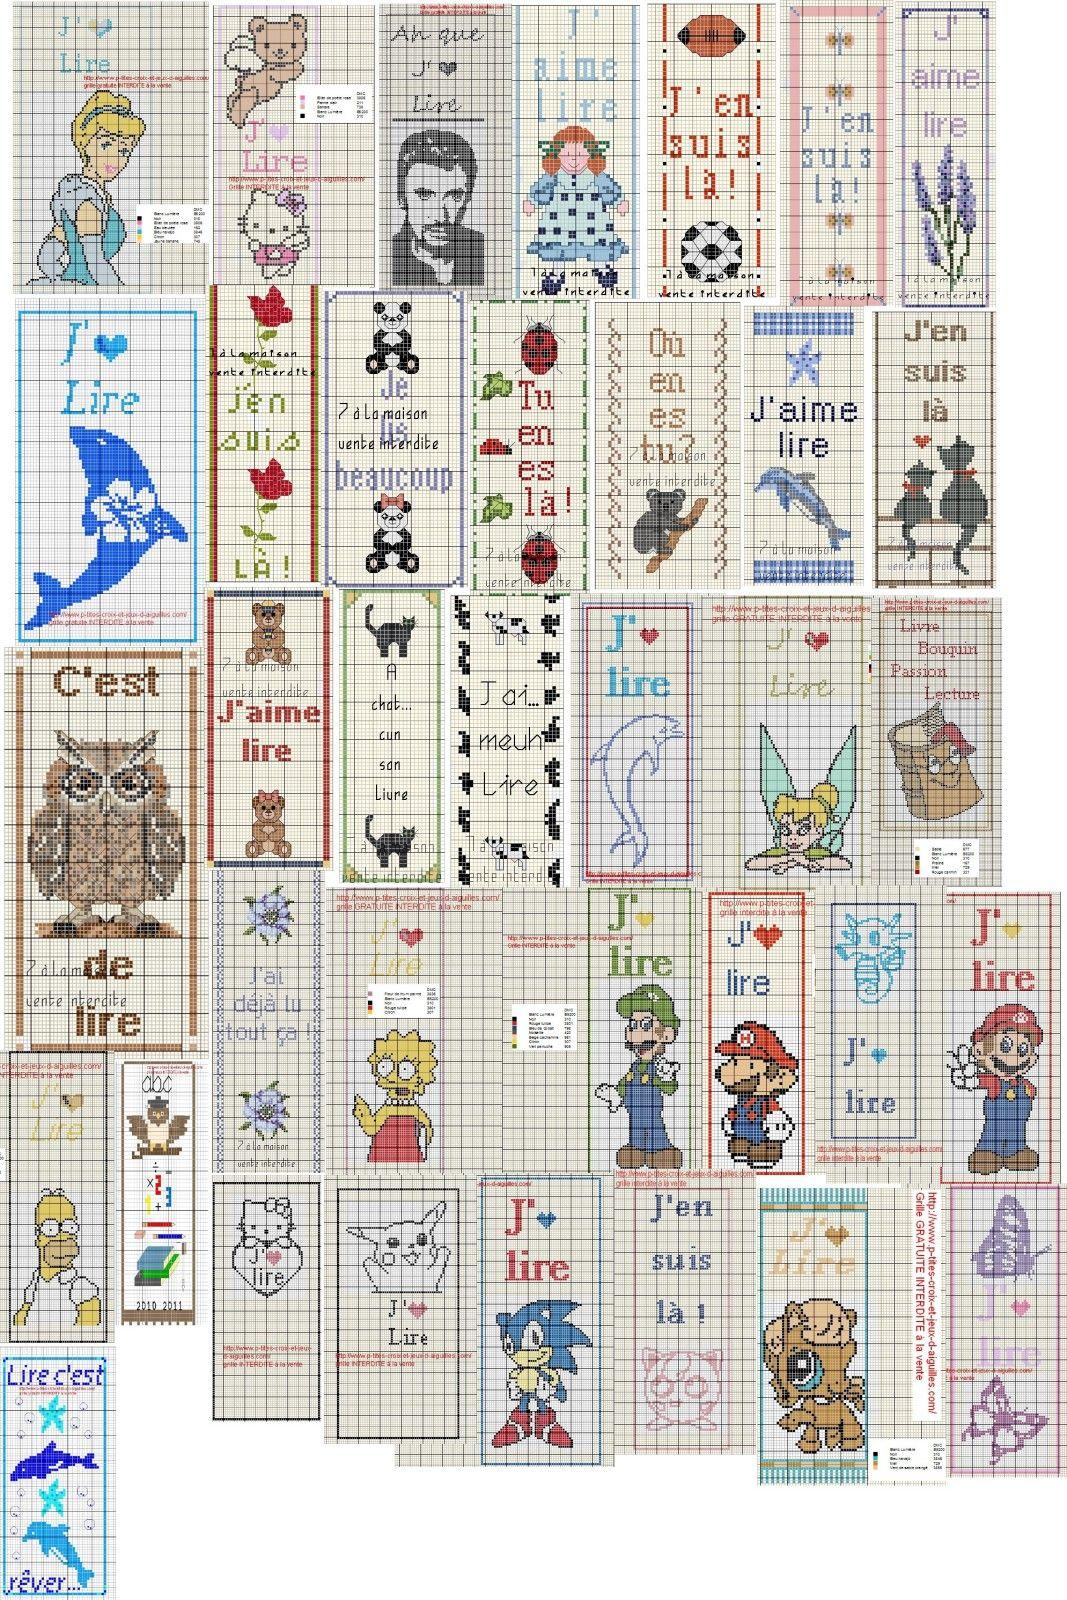 Album marque page cross stitch pinterest cross - Marque page point de croix grille gratuite ...